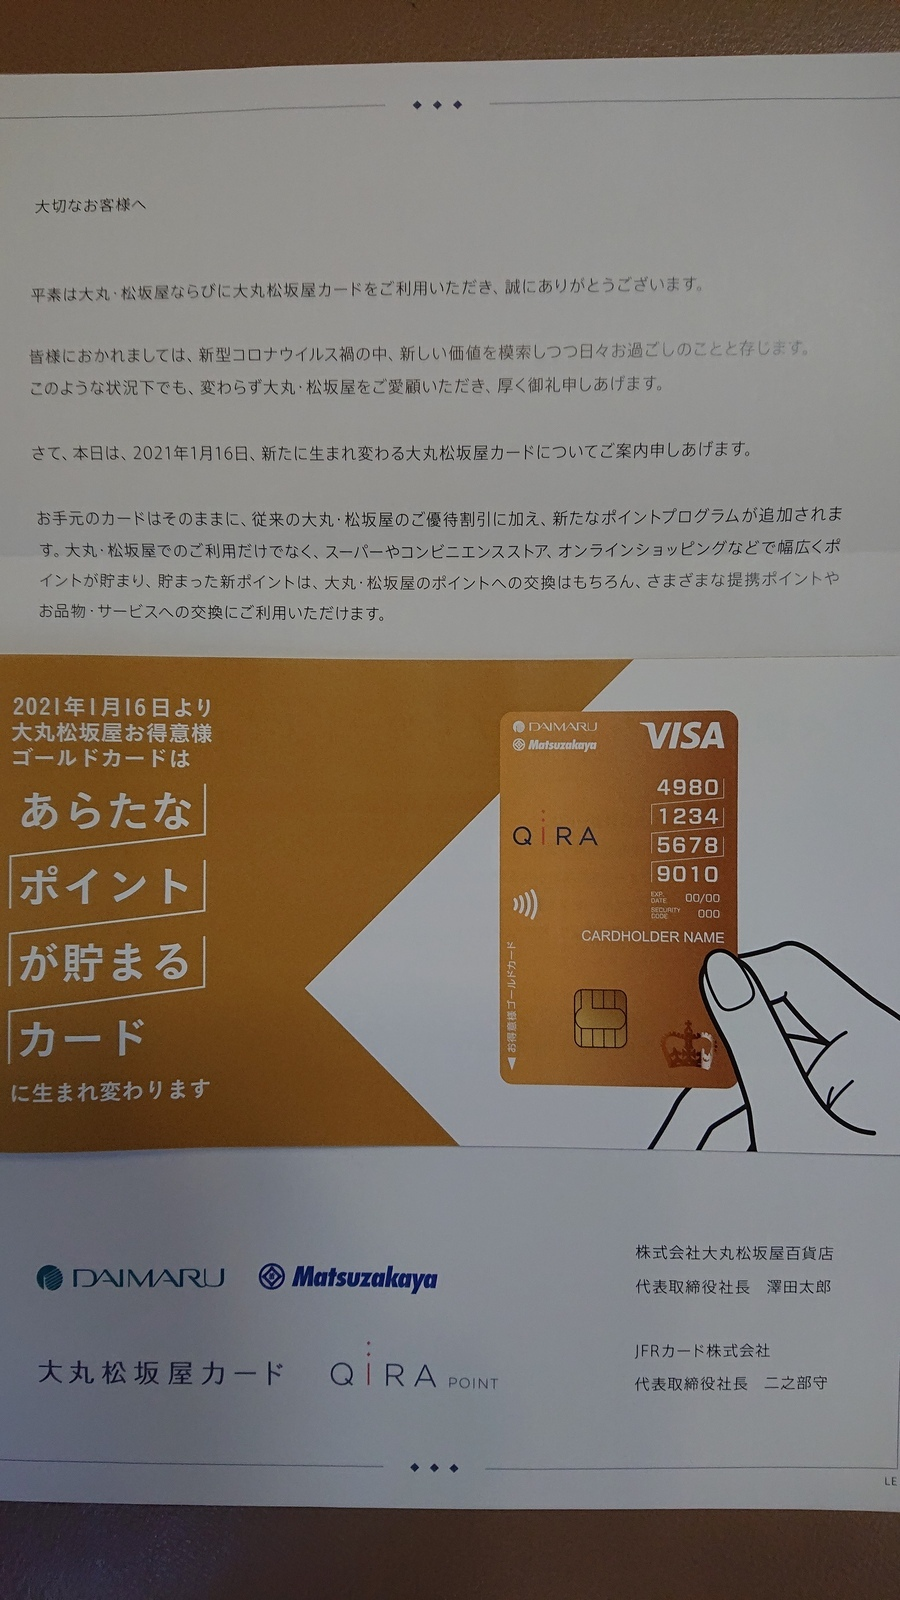 カード 大丸 松坂屋 2021 年